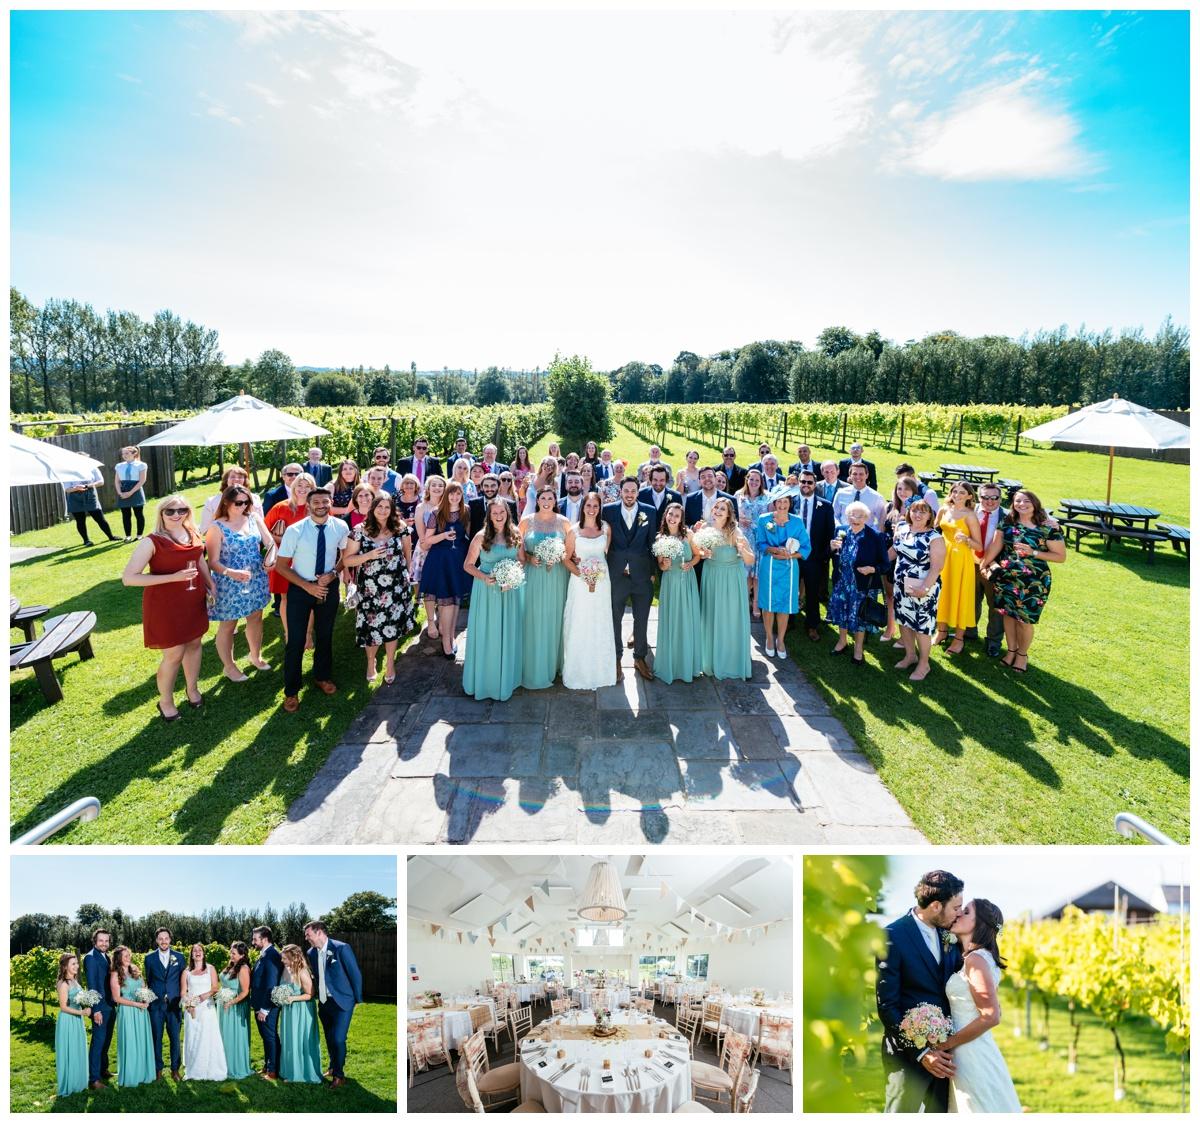 Llanerch Vineyard Weddings Photography by Owen Mathias